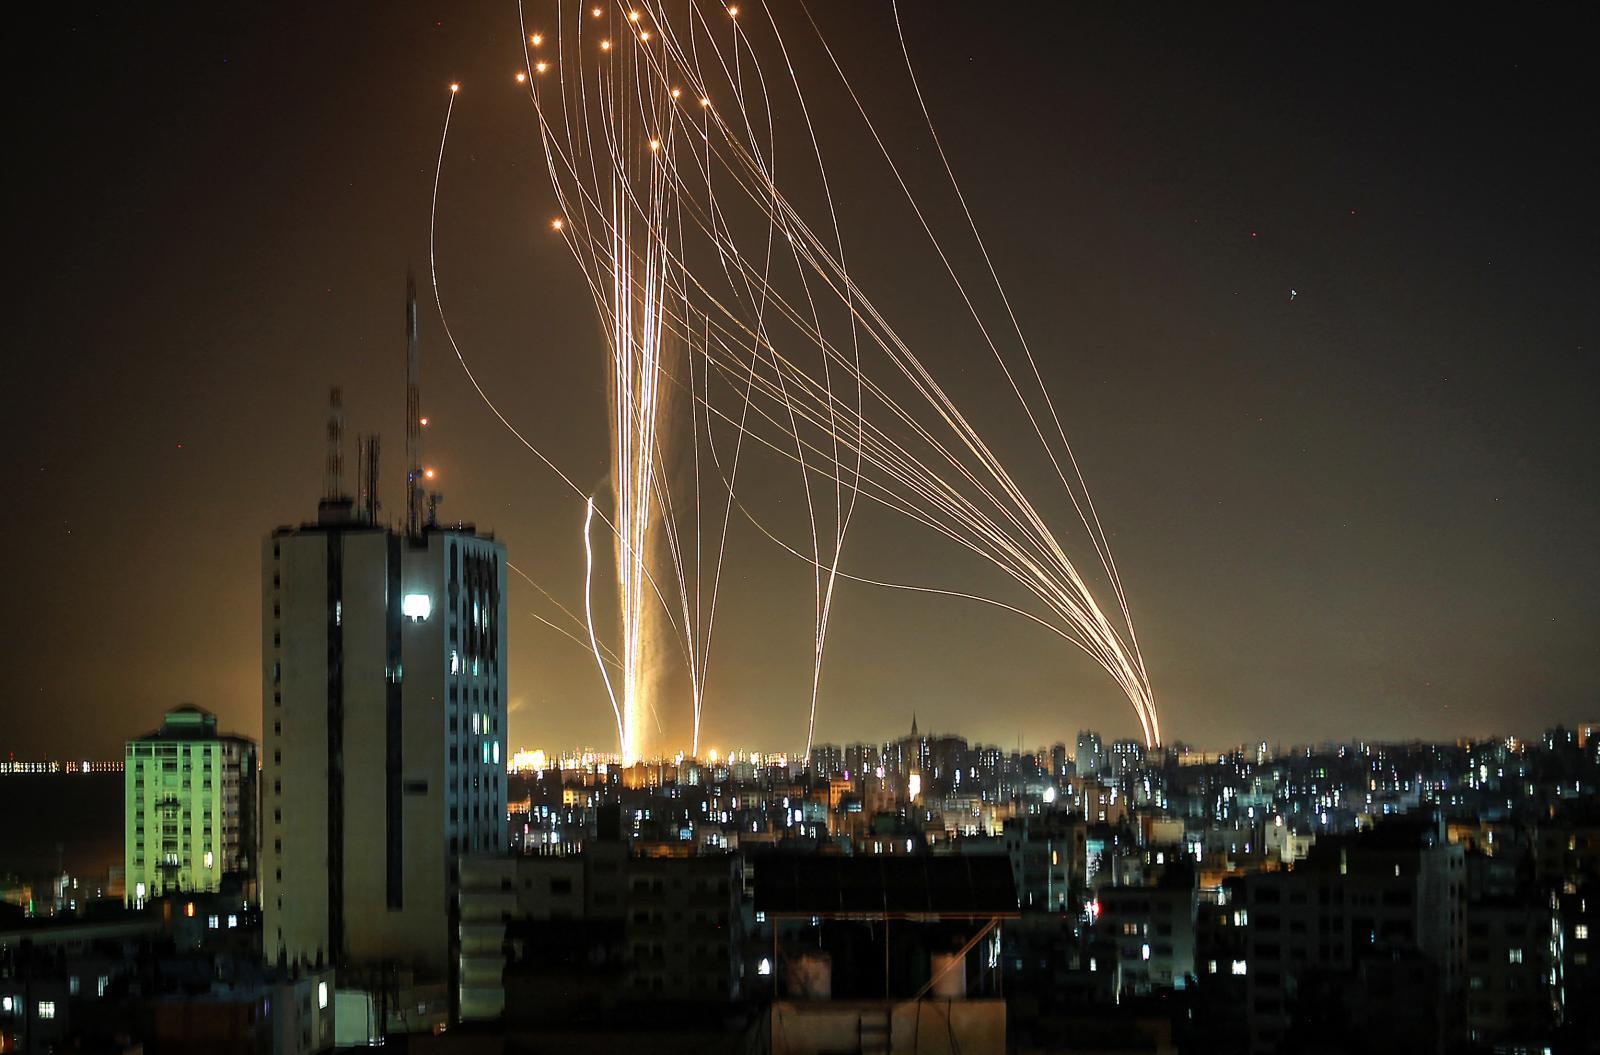 """ยูเอ็น จี้ อิสราเอล - ปาเลสไตน์ หยุดยิงถล่ม ด้านสหรัฐฯ ประณาม """"กลุ่มฮามาส"""""""